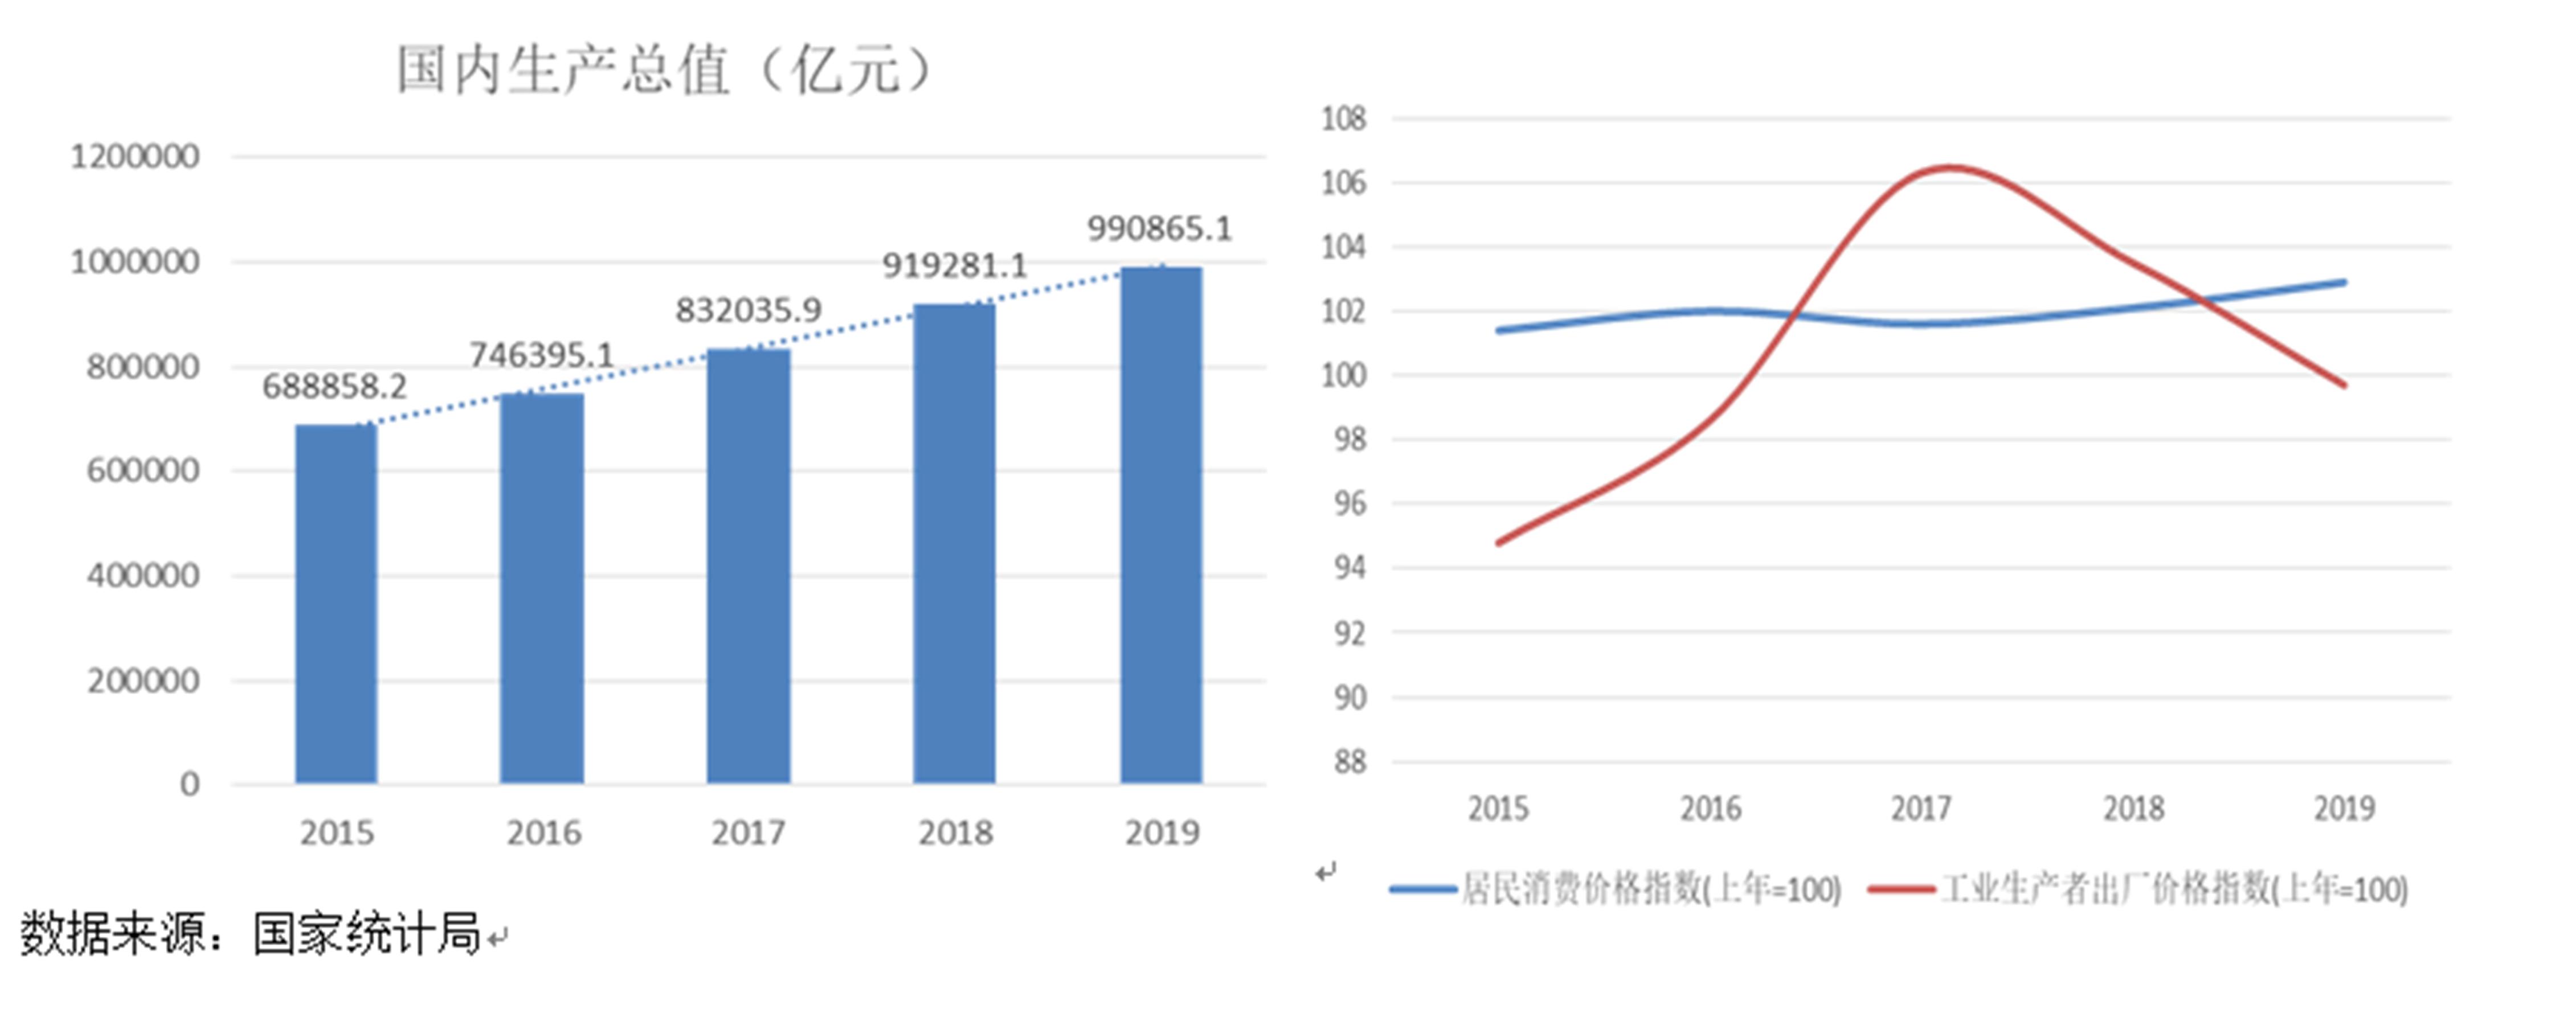 过去五年中国民航发展简述与思考